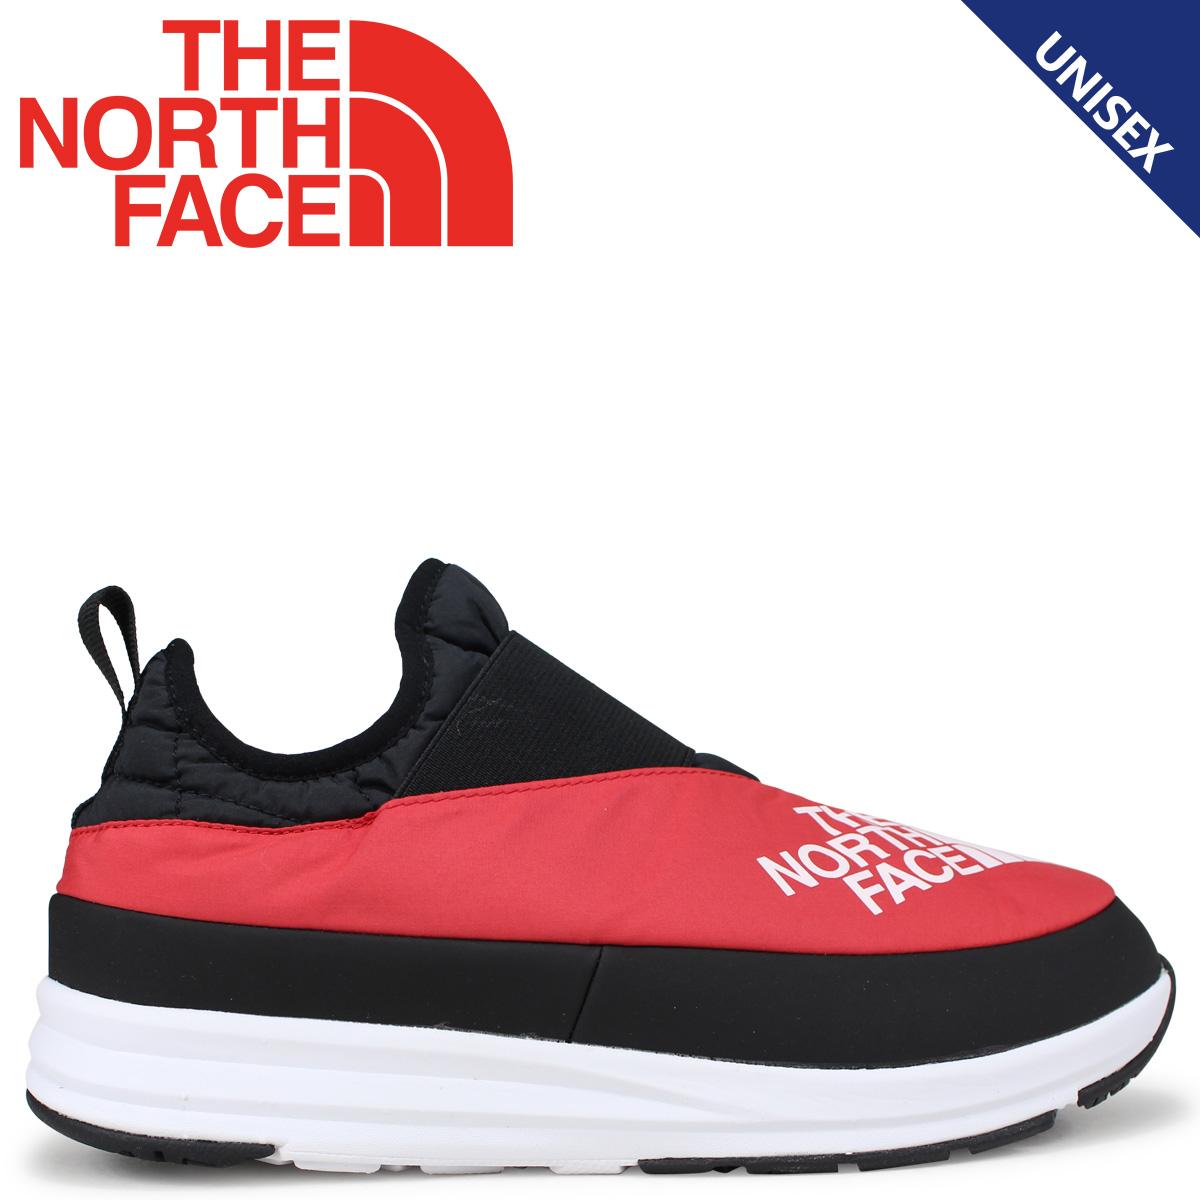 THE NORTH FACE ノースフェイス ヌプシ トランクション スニーカー シューズ メンズ レディース NUPTSE TRACTION LIGHT MOC 3 KIMONO レッド 赤 NF51885